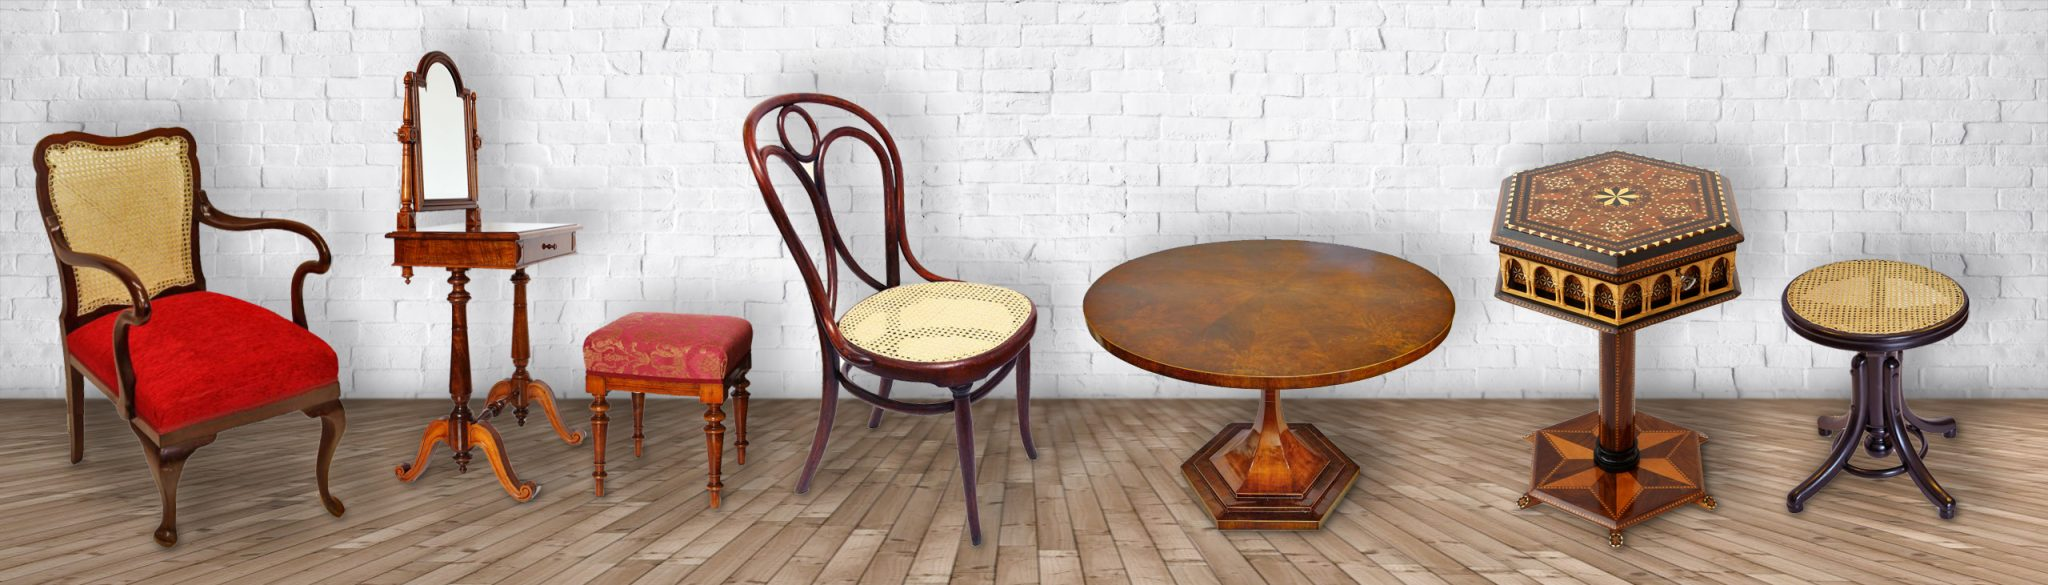 Restaurování-dřeva-restaurování-dřevěného-nábytku-ceník-restaurátora-nábytku